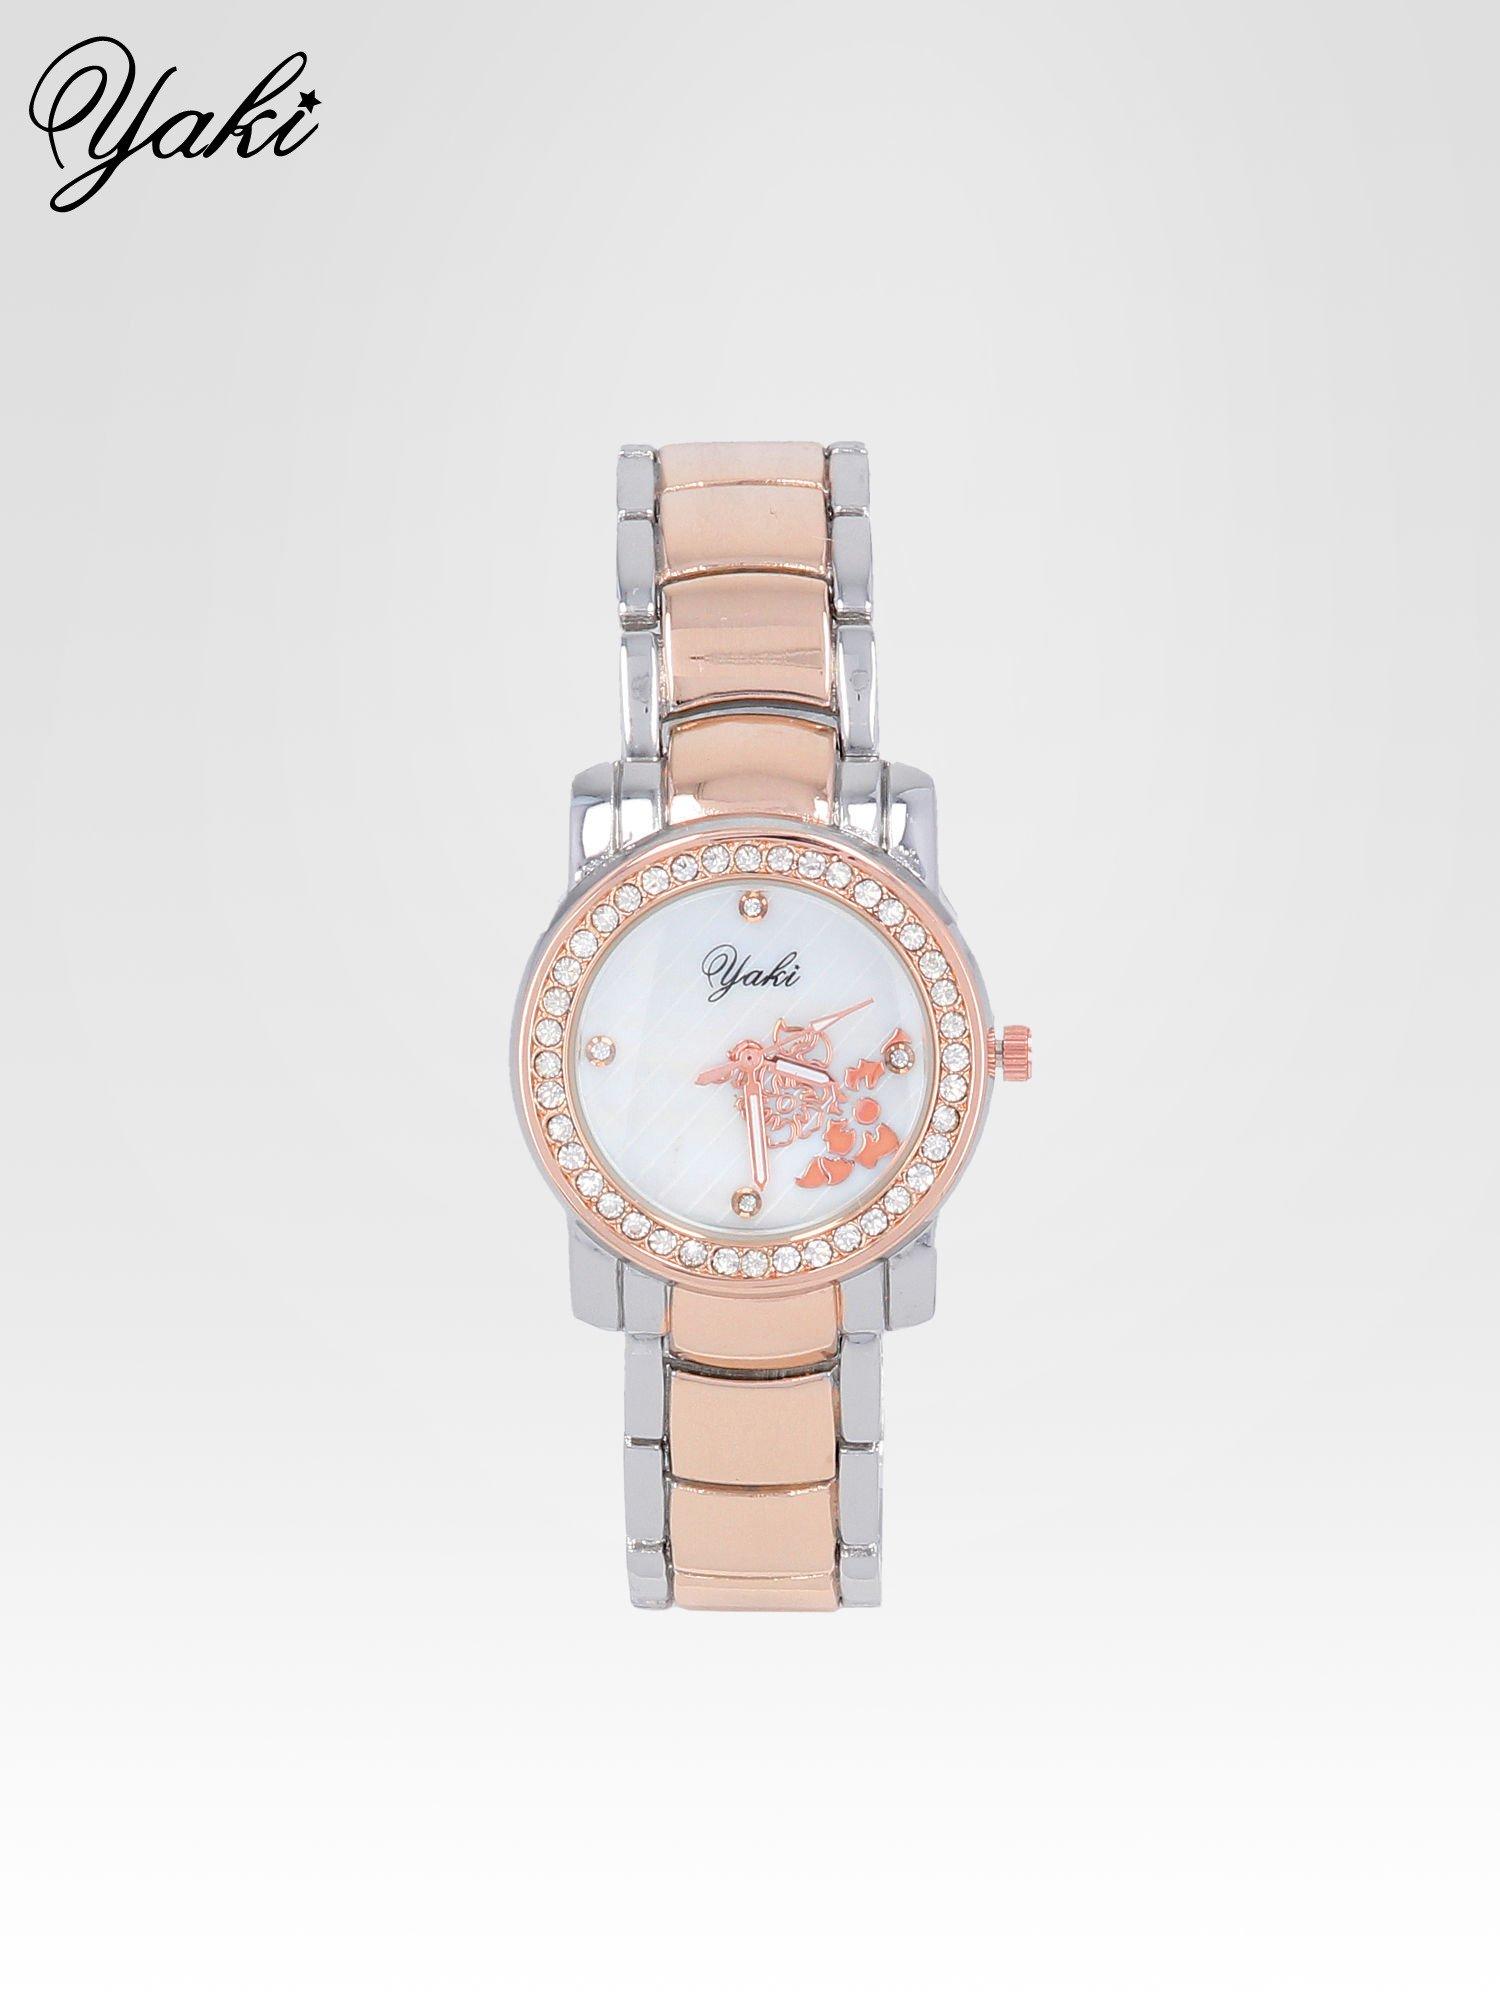 Zegarek damski z grawerem kwiatów z różowego złota                                  zdj.                                  1